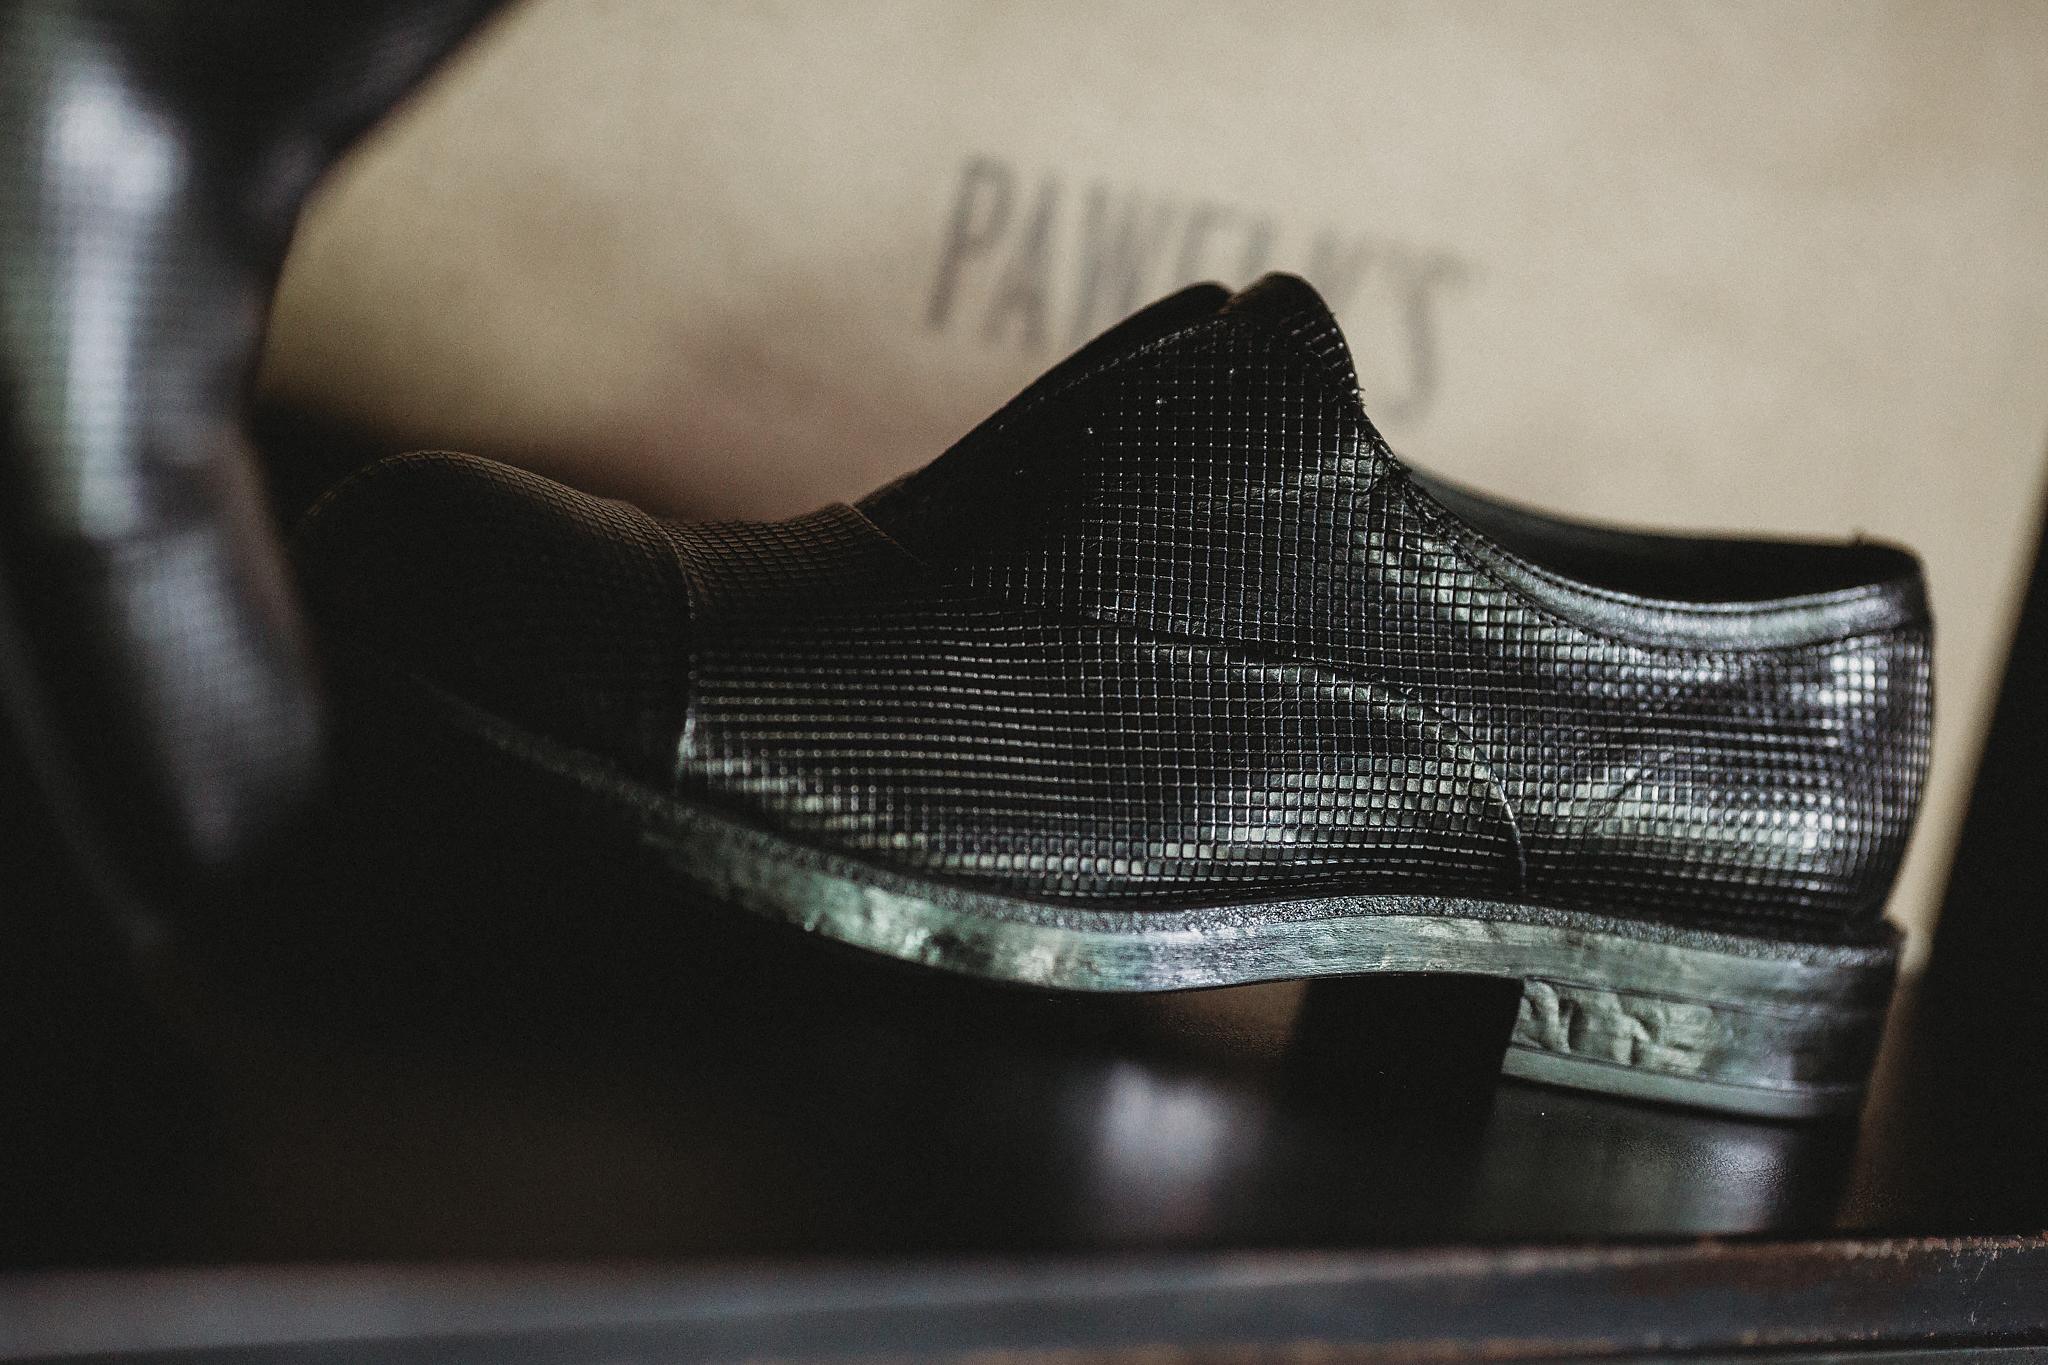 scarpe-francesina-senza-lacci-pawelks-cecchi-uomo-prato